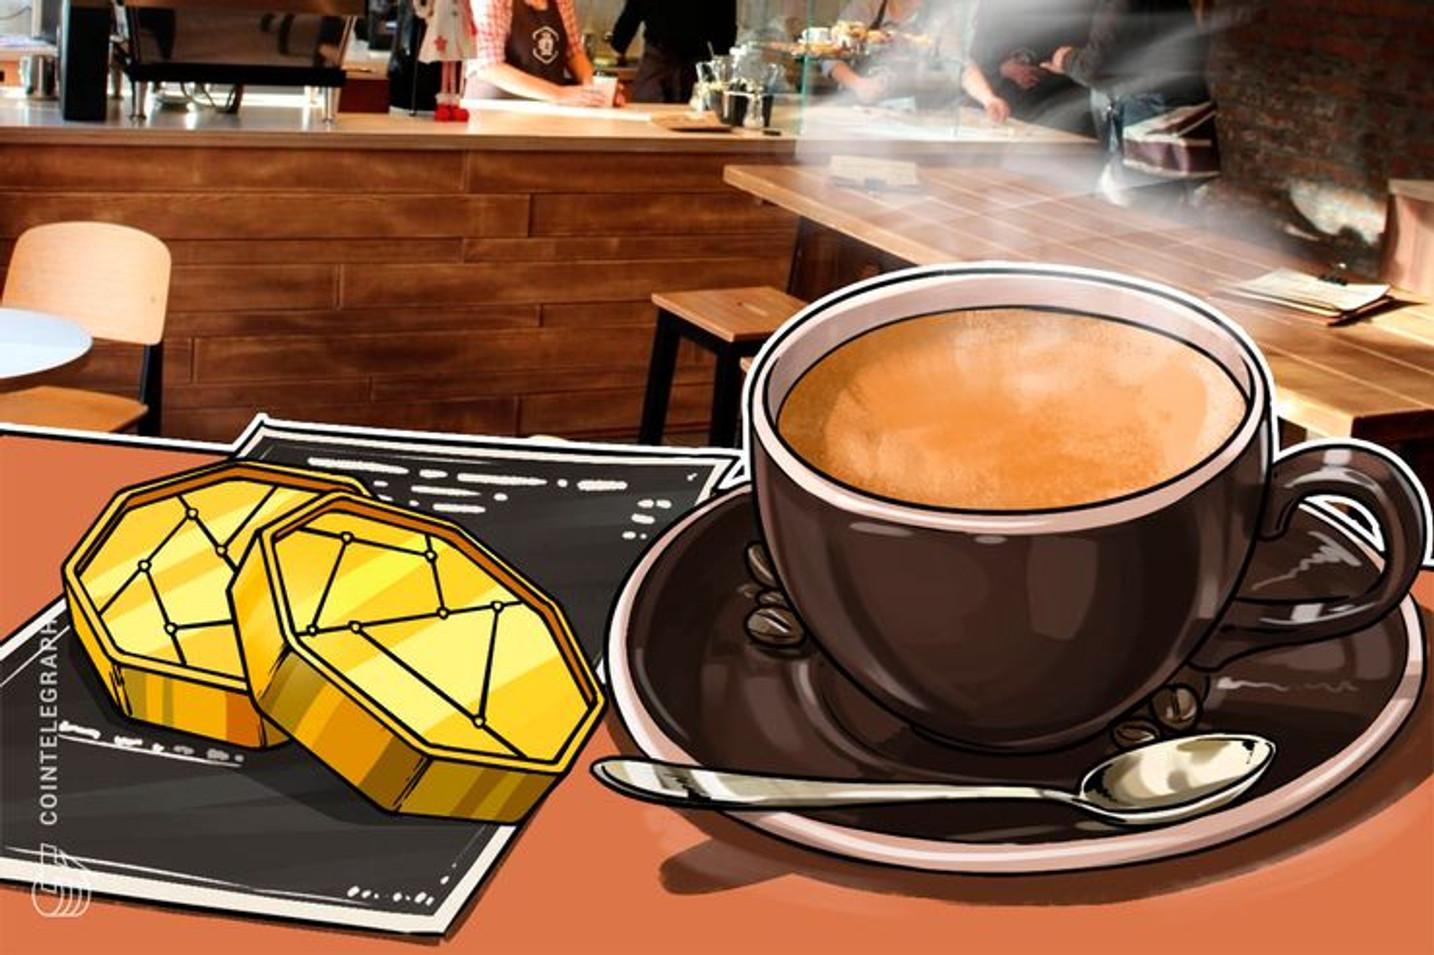 スターバックスのコーヒーがビットコインで買える?仮想通貨プラットフォーム「バックト」の意義とは